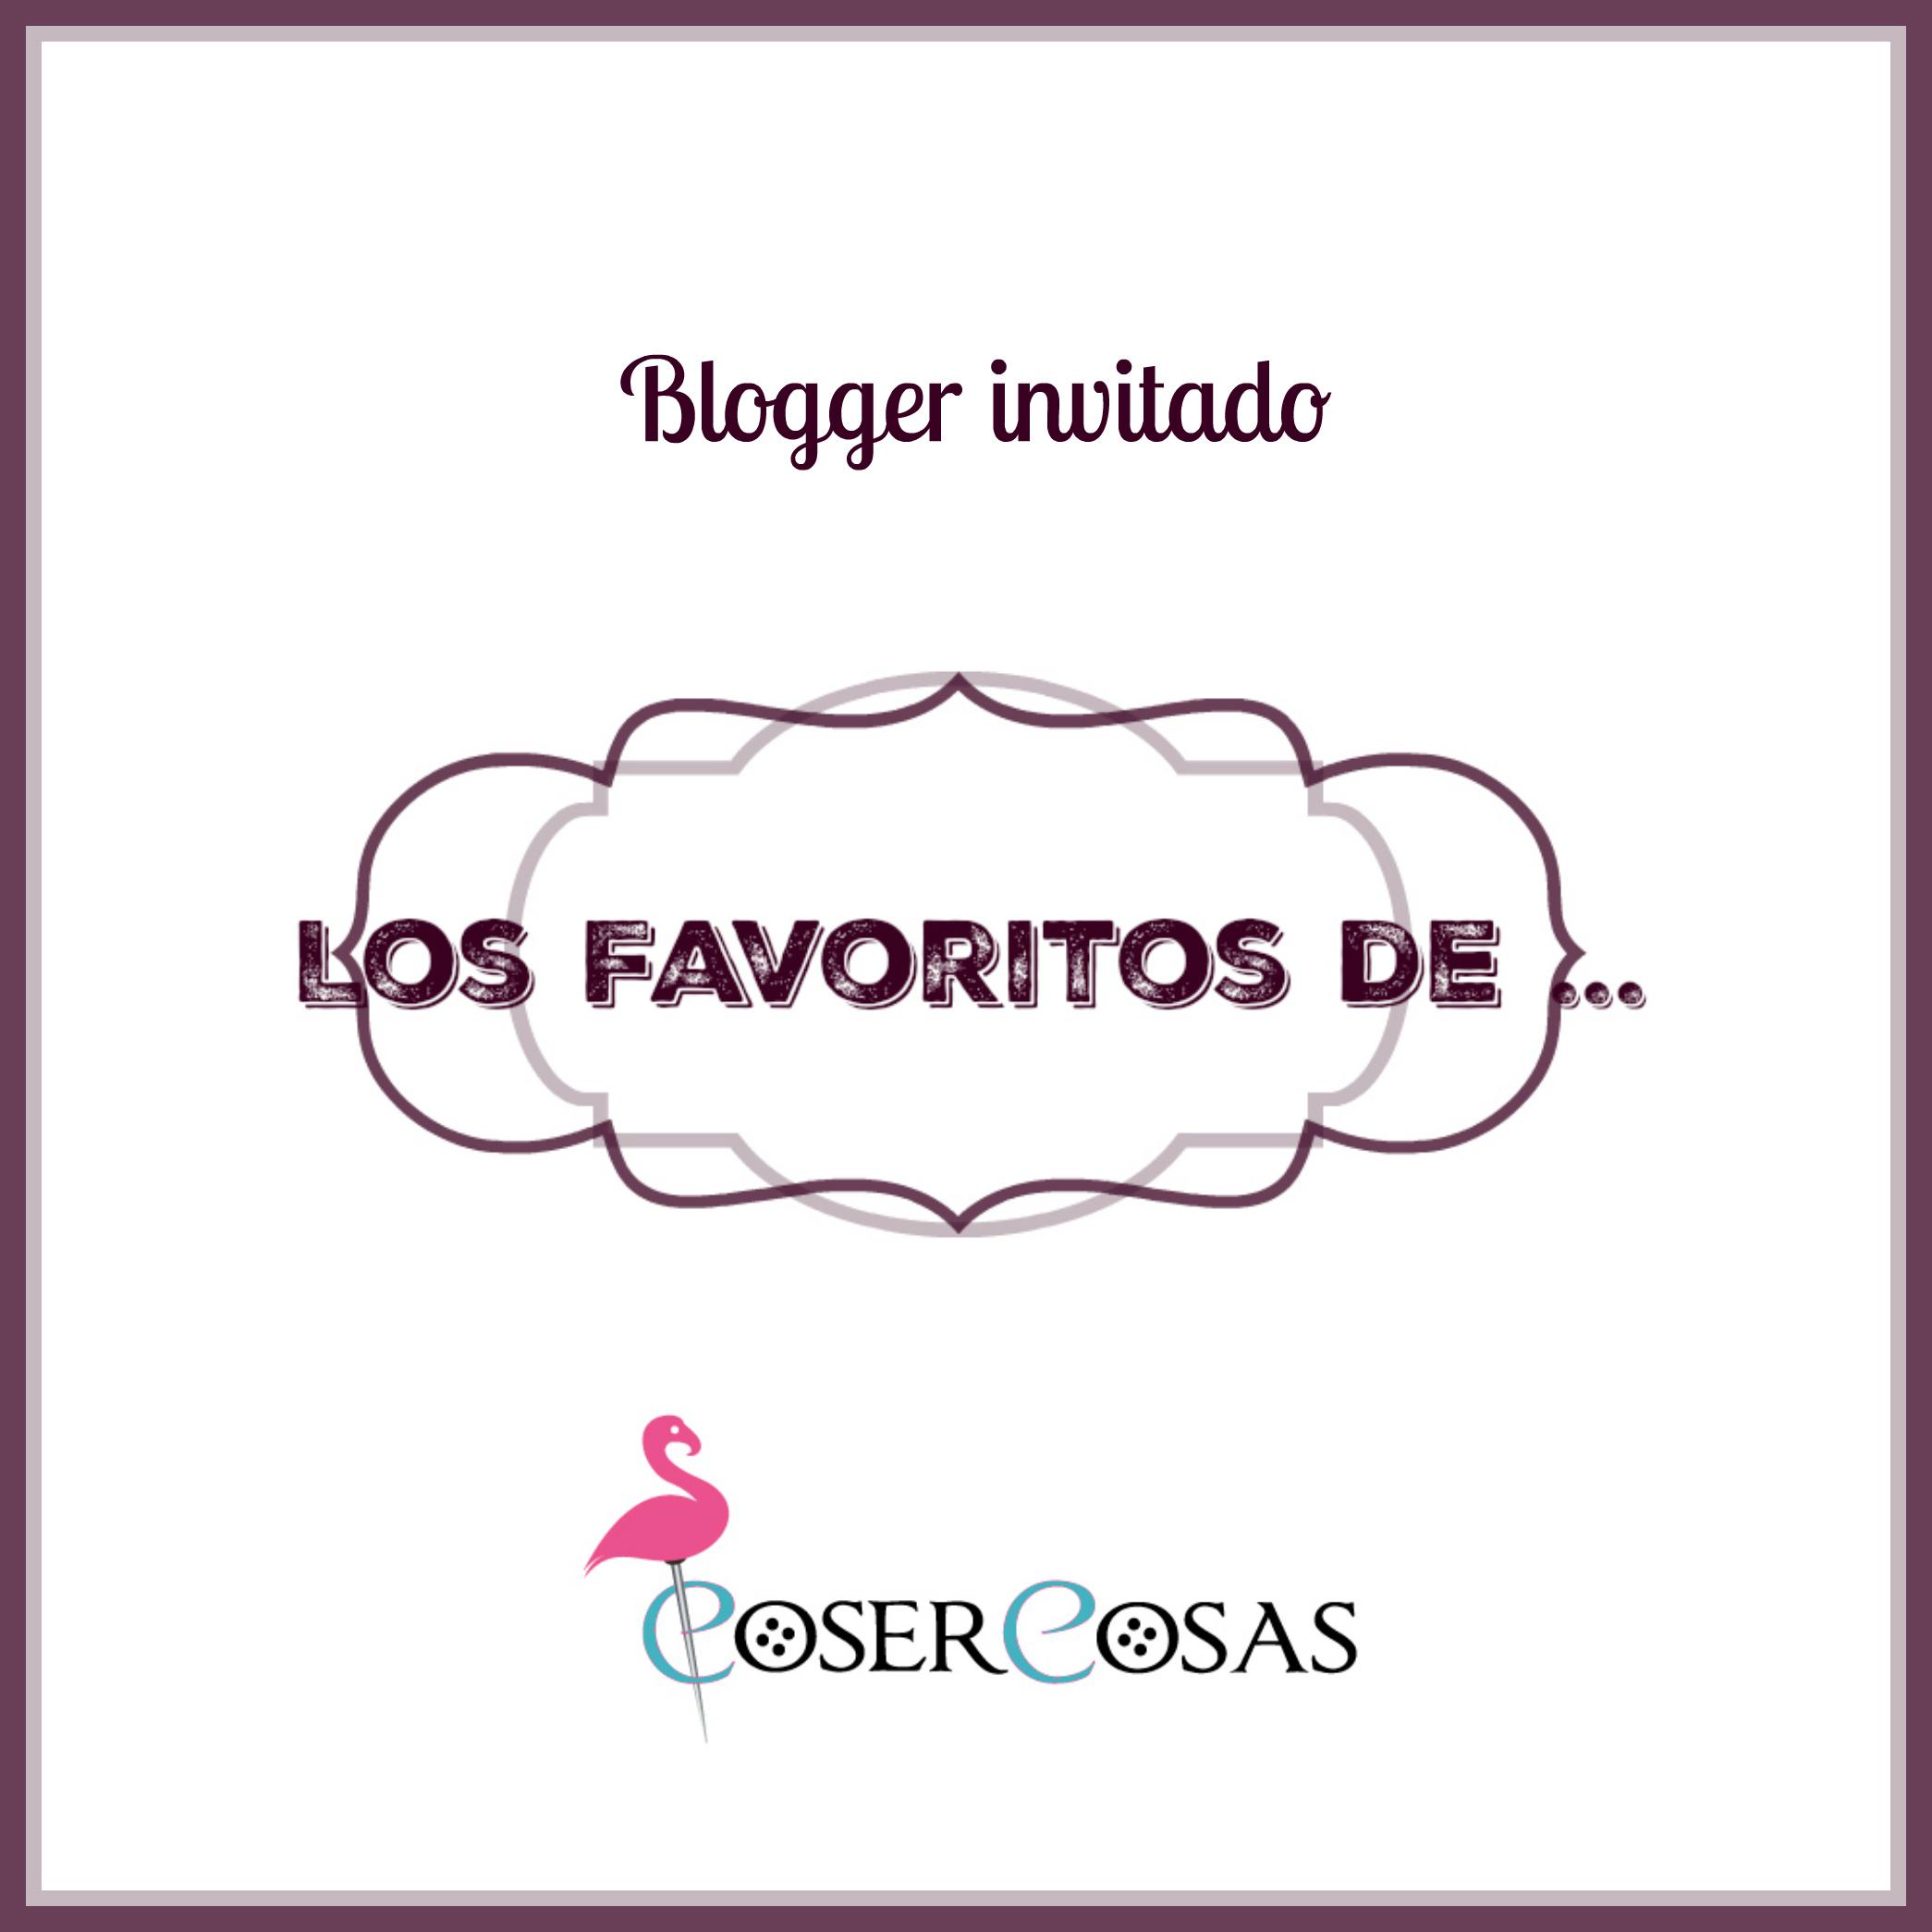 Mis favoritos de CoserCosas.es